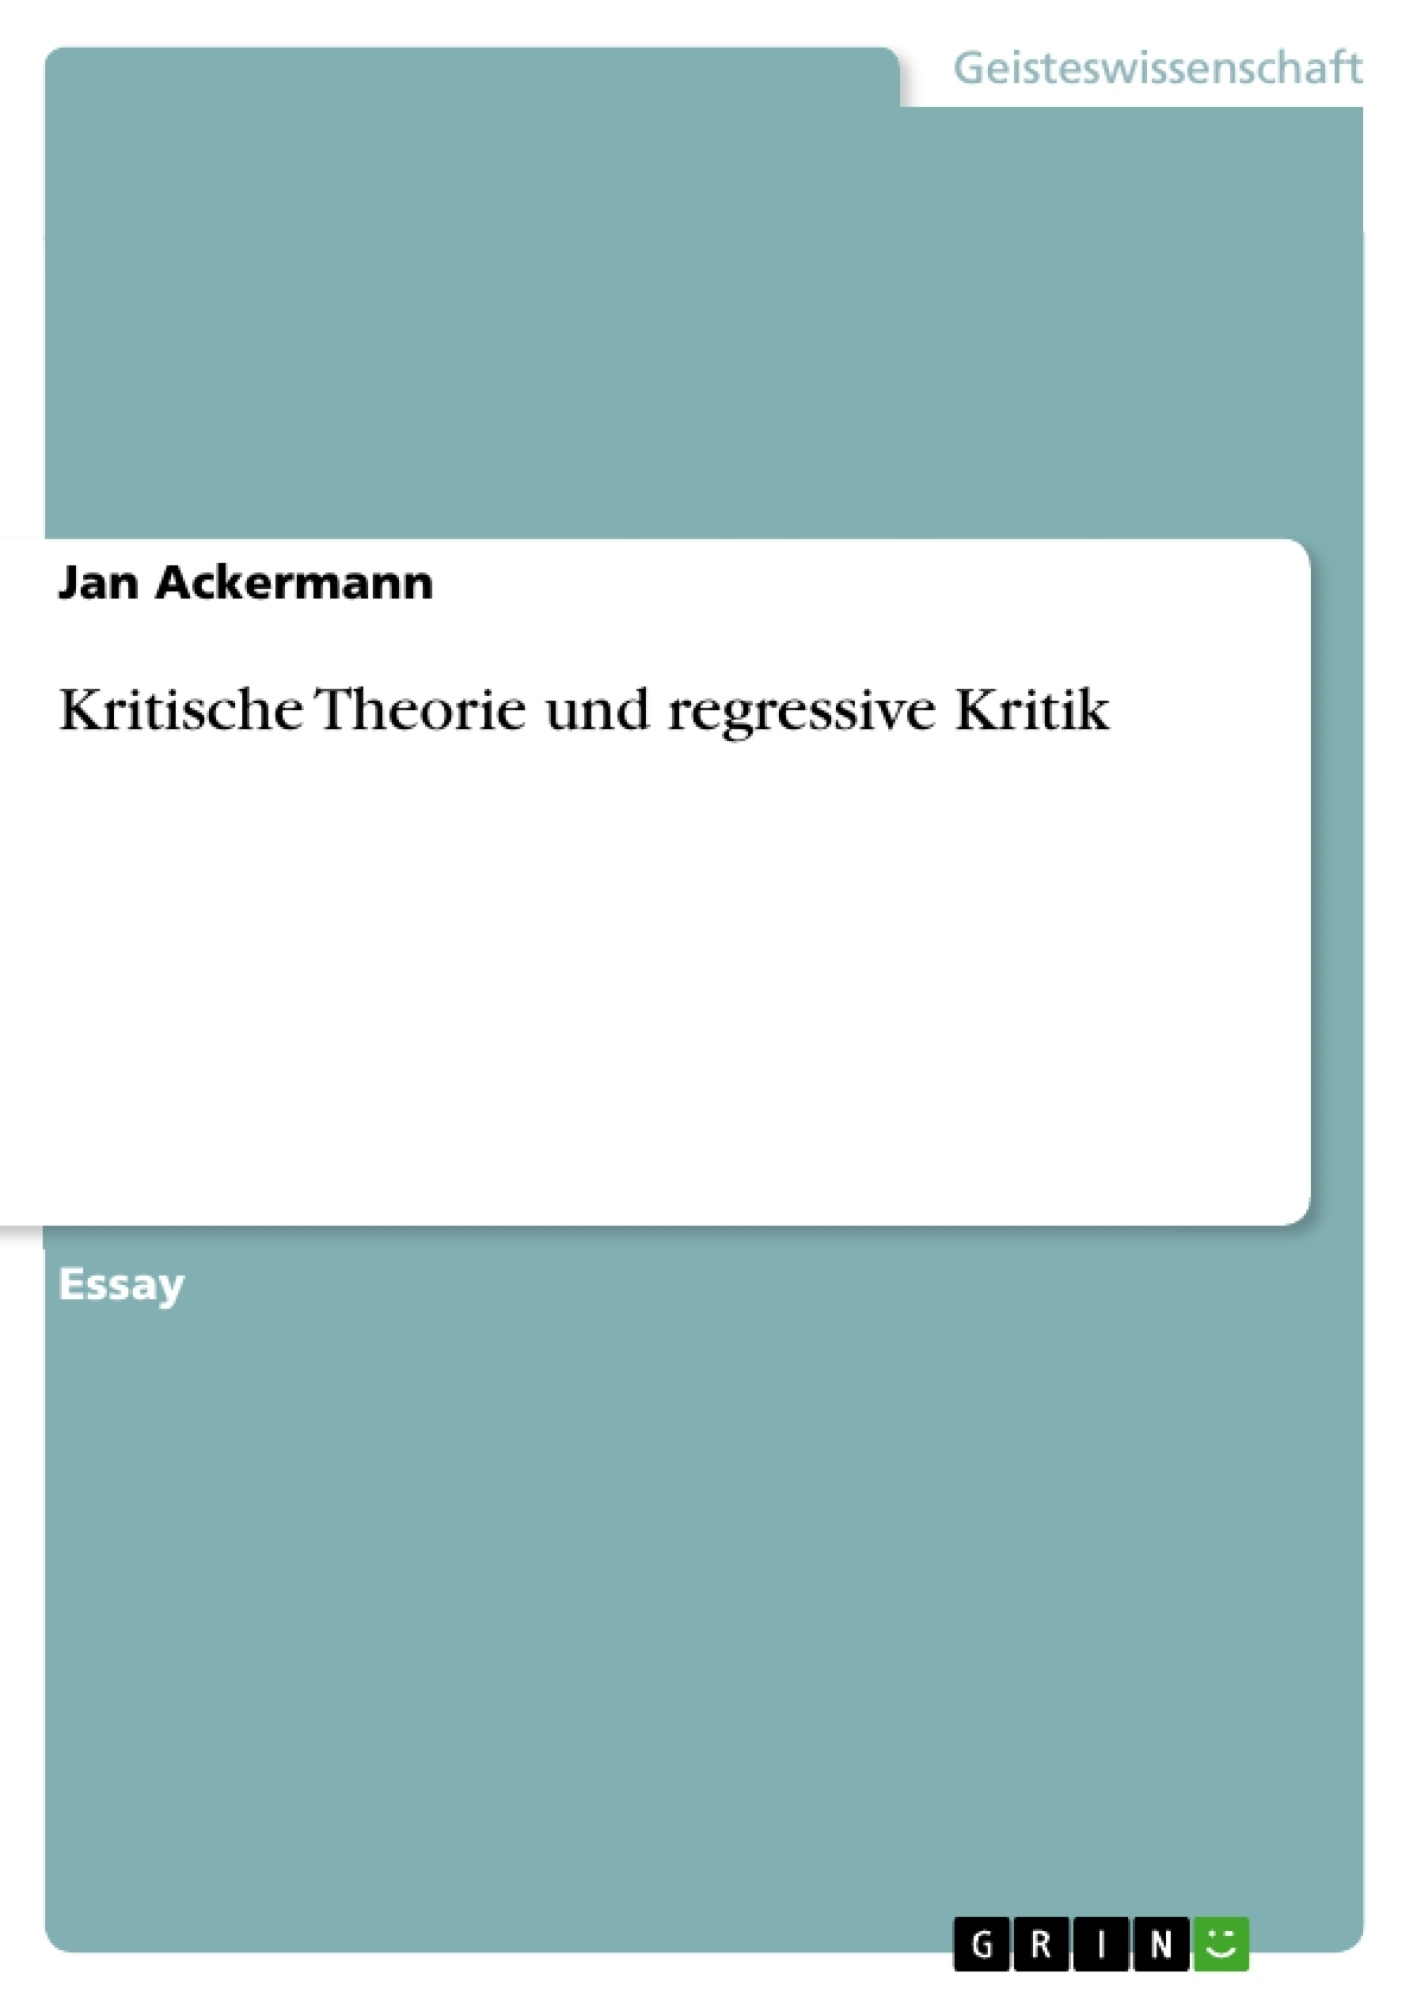 Titel: Kritische Theorie und regressive Kritik